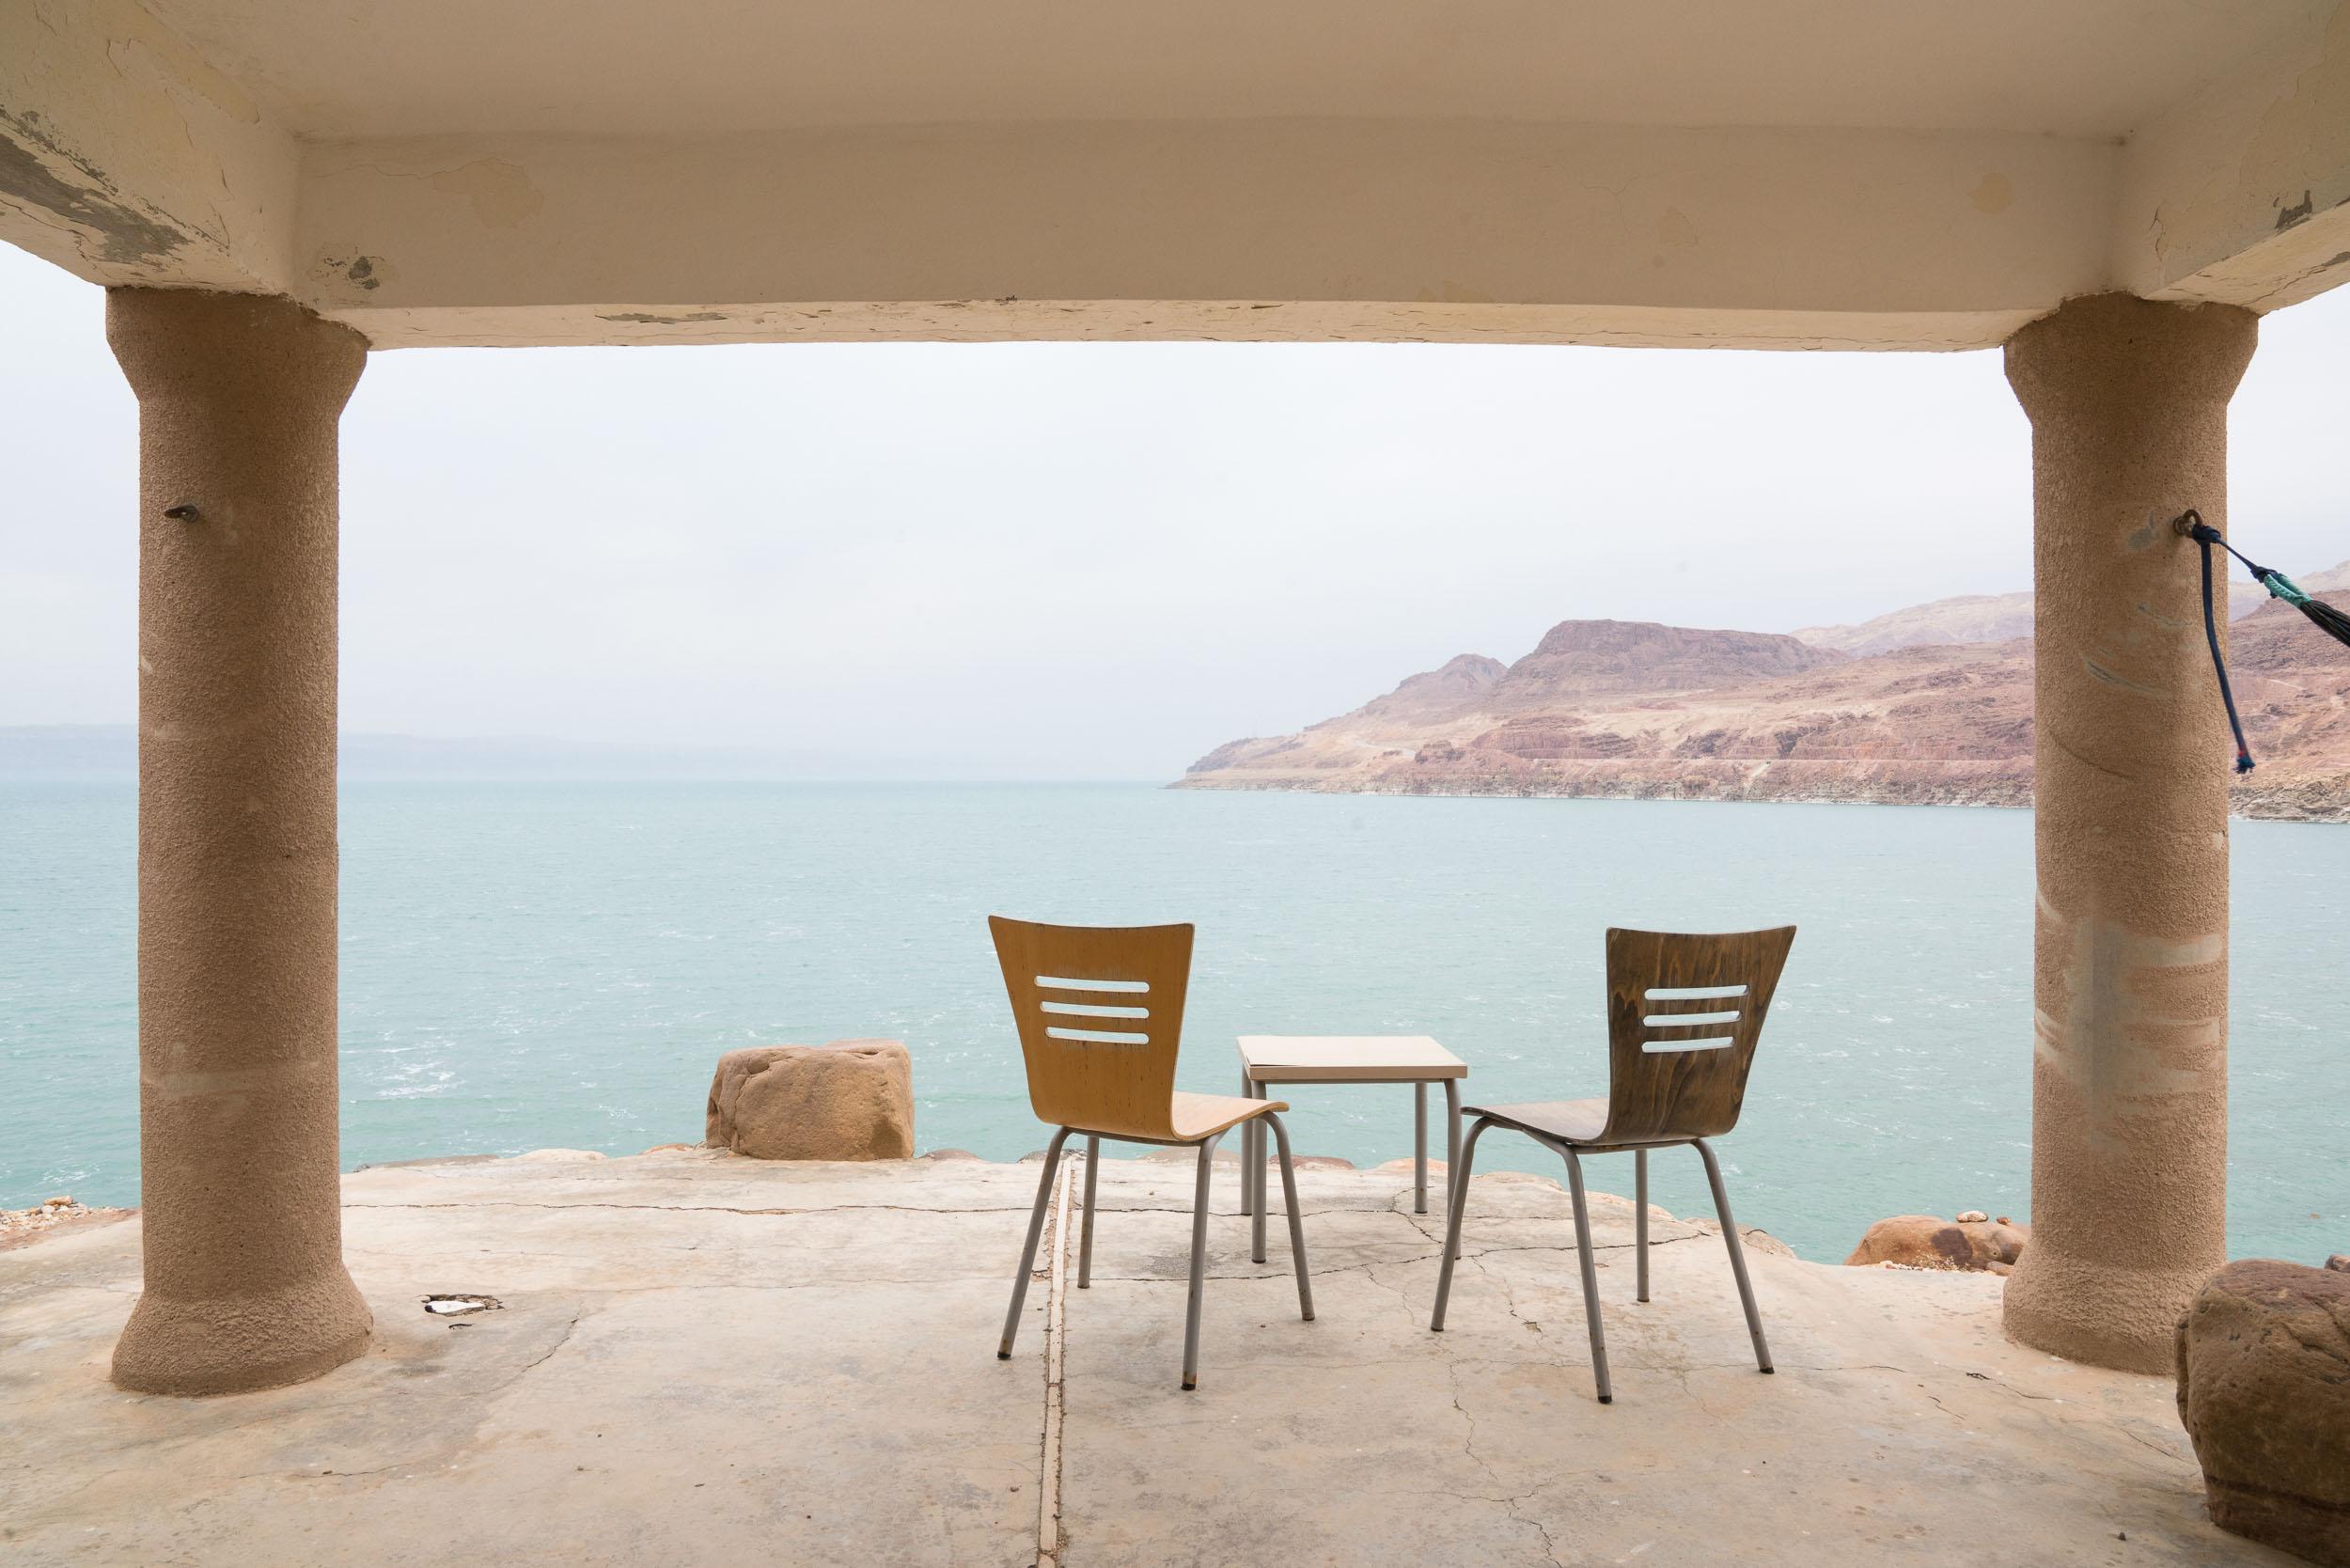 the_getaway_edit_jordan_wadi_rum-2.jpg